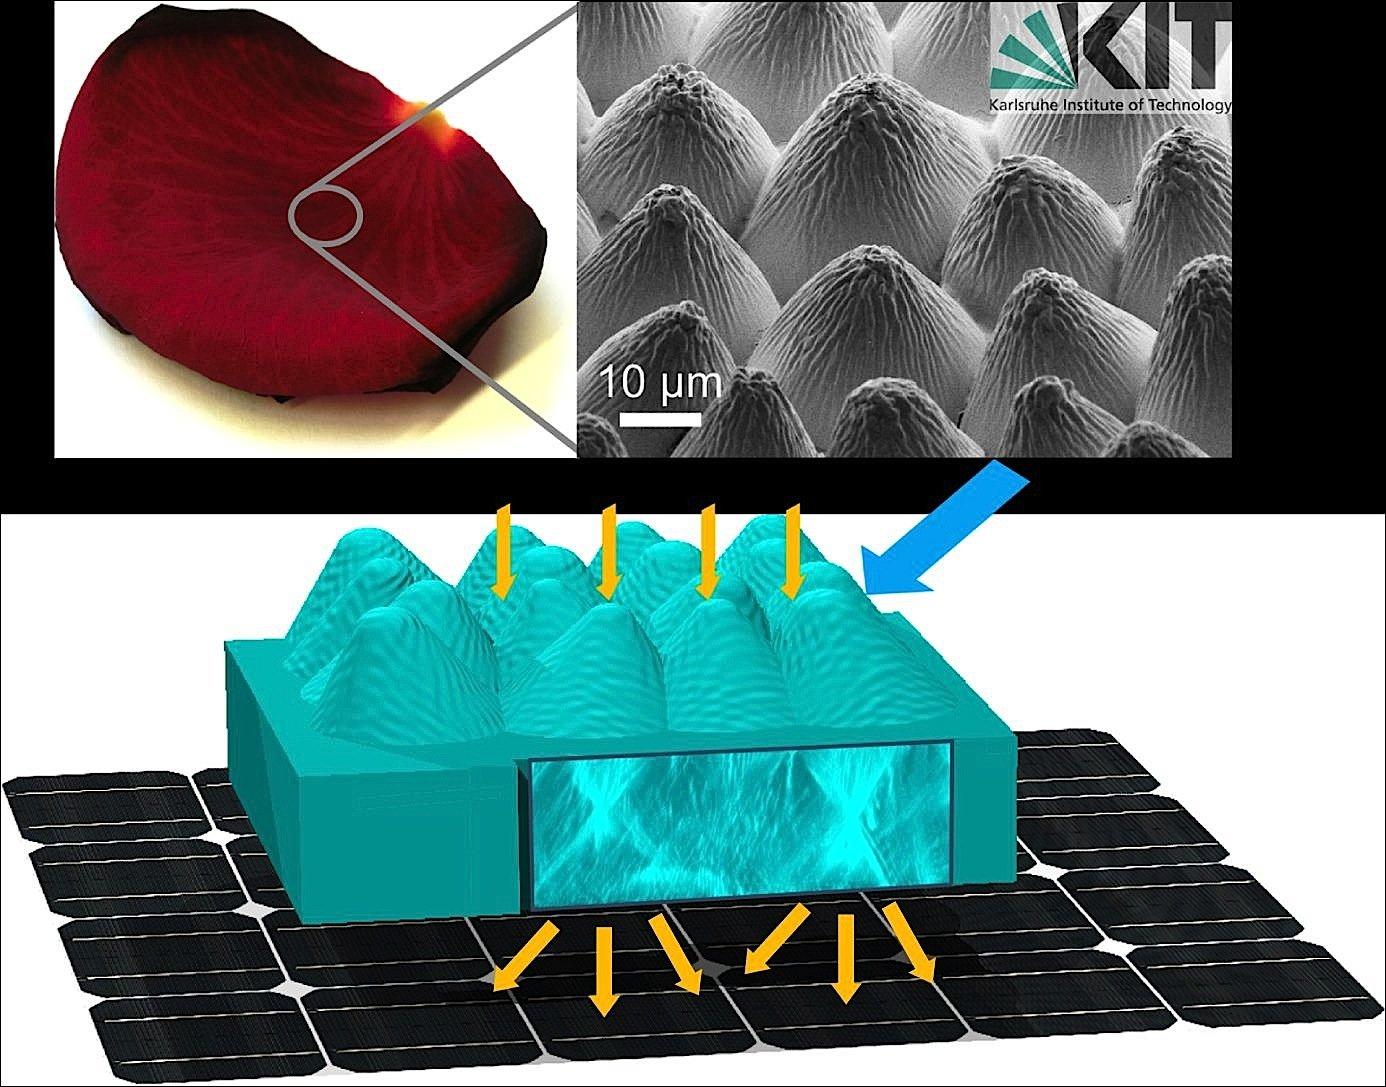 Ingenieure des KIT haben dieEpidermis eines Rosenblütenblatts in einer transparenten Schicht nachgebildet. Diese Schicht wird dann in die Vorderseite einer Solarzelle integriert. Sofort ist diese präparierte Solarzelle bei senkrechtem Lichteinfall zwölf Prozent effektiver.